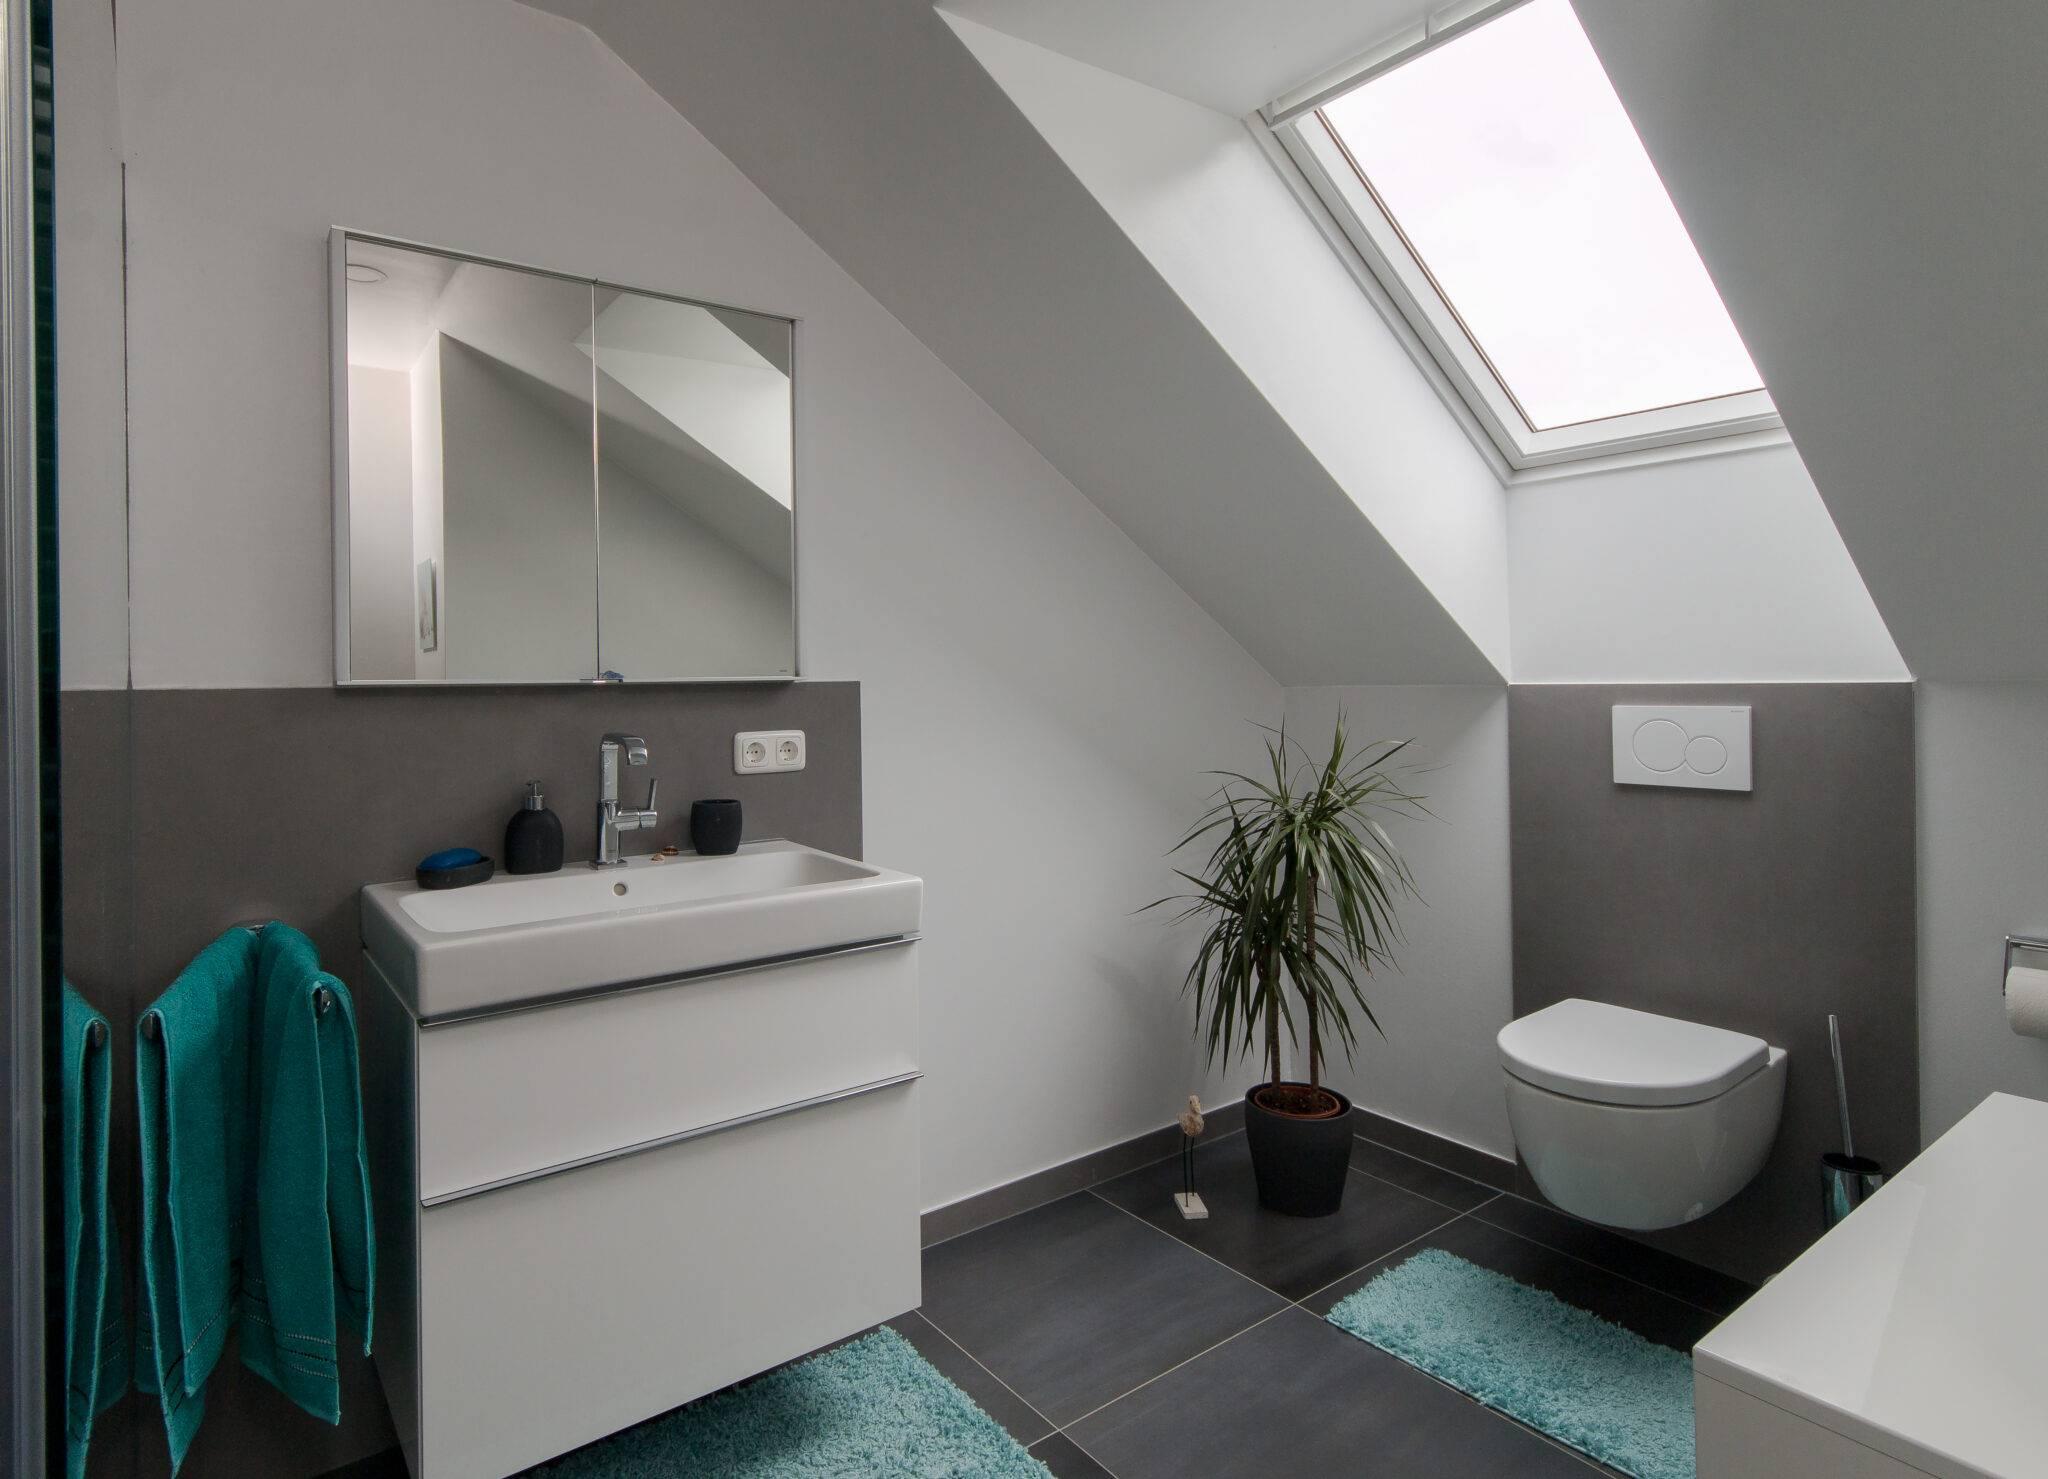 Badezimmer bis 21 qm nach der Badsanierung   BÄDER SEELIG